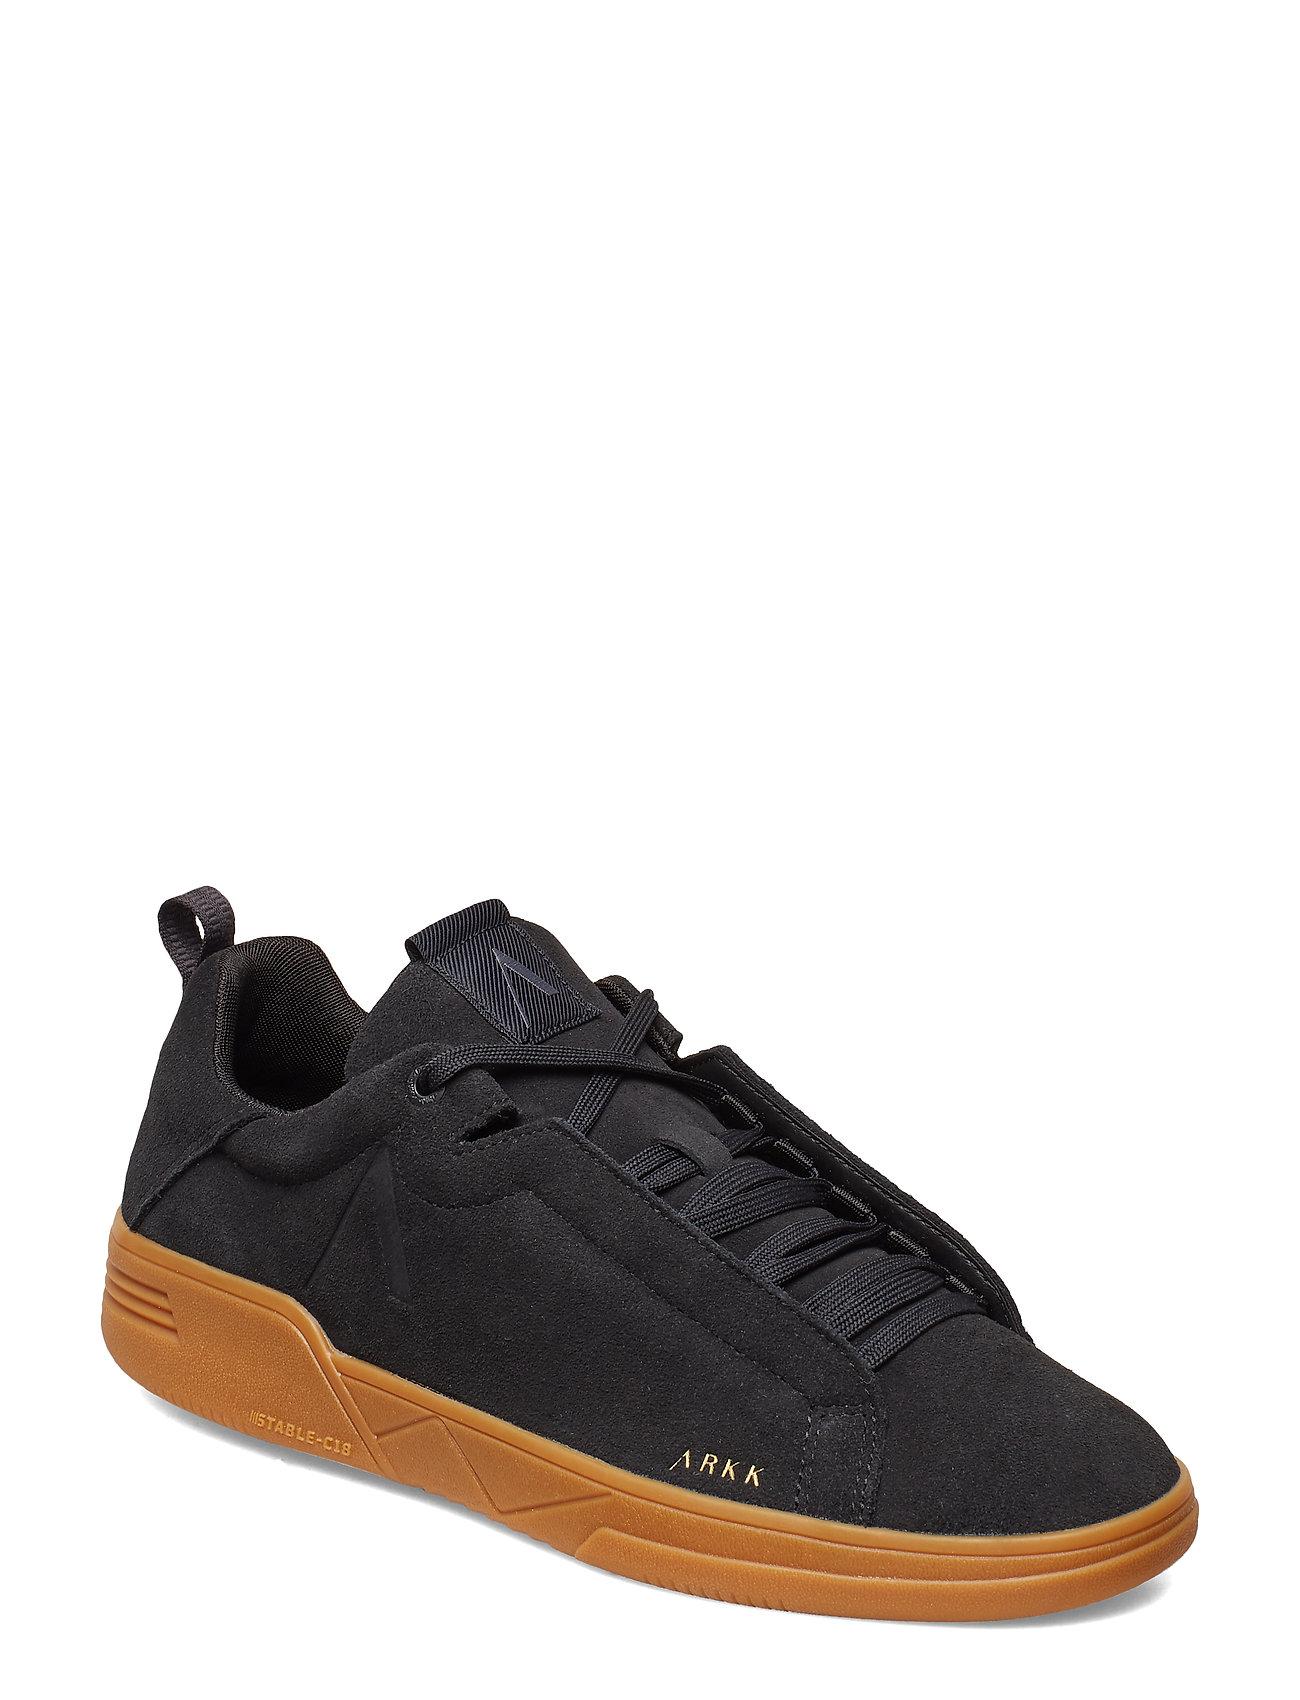 ARKK Copenhagen Uniklass Suede S-C18 Black Gum - Me - BLACK GUM